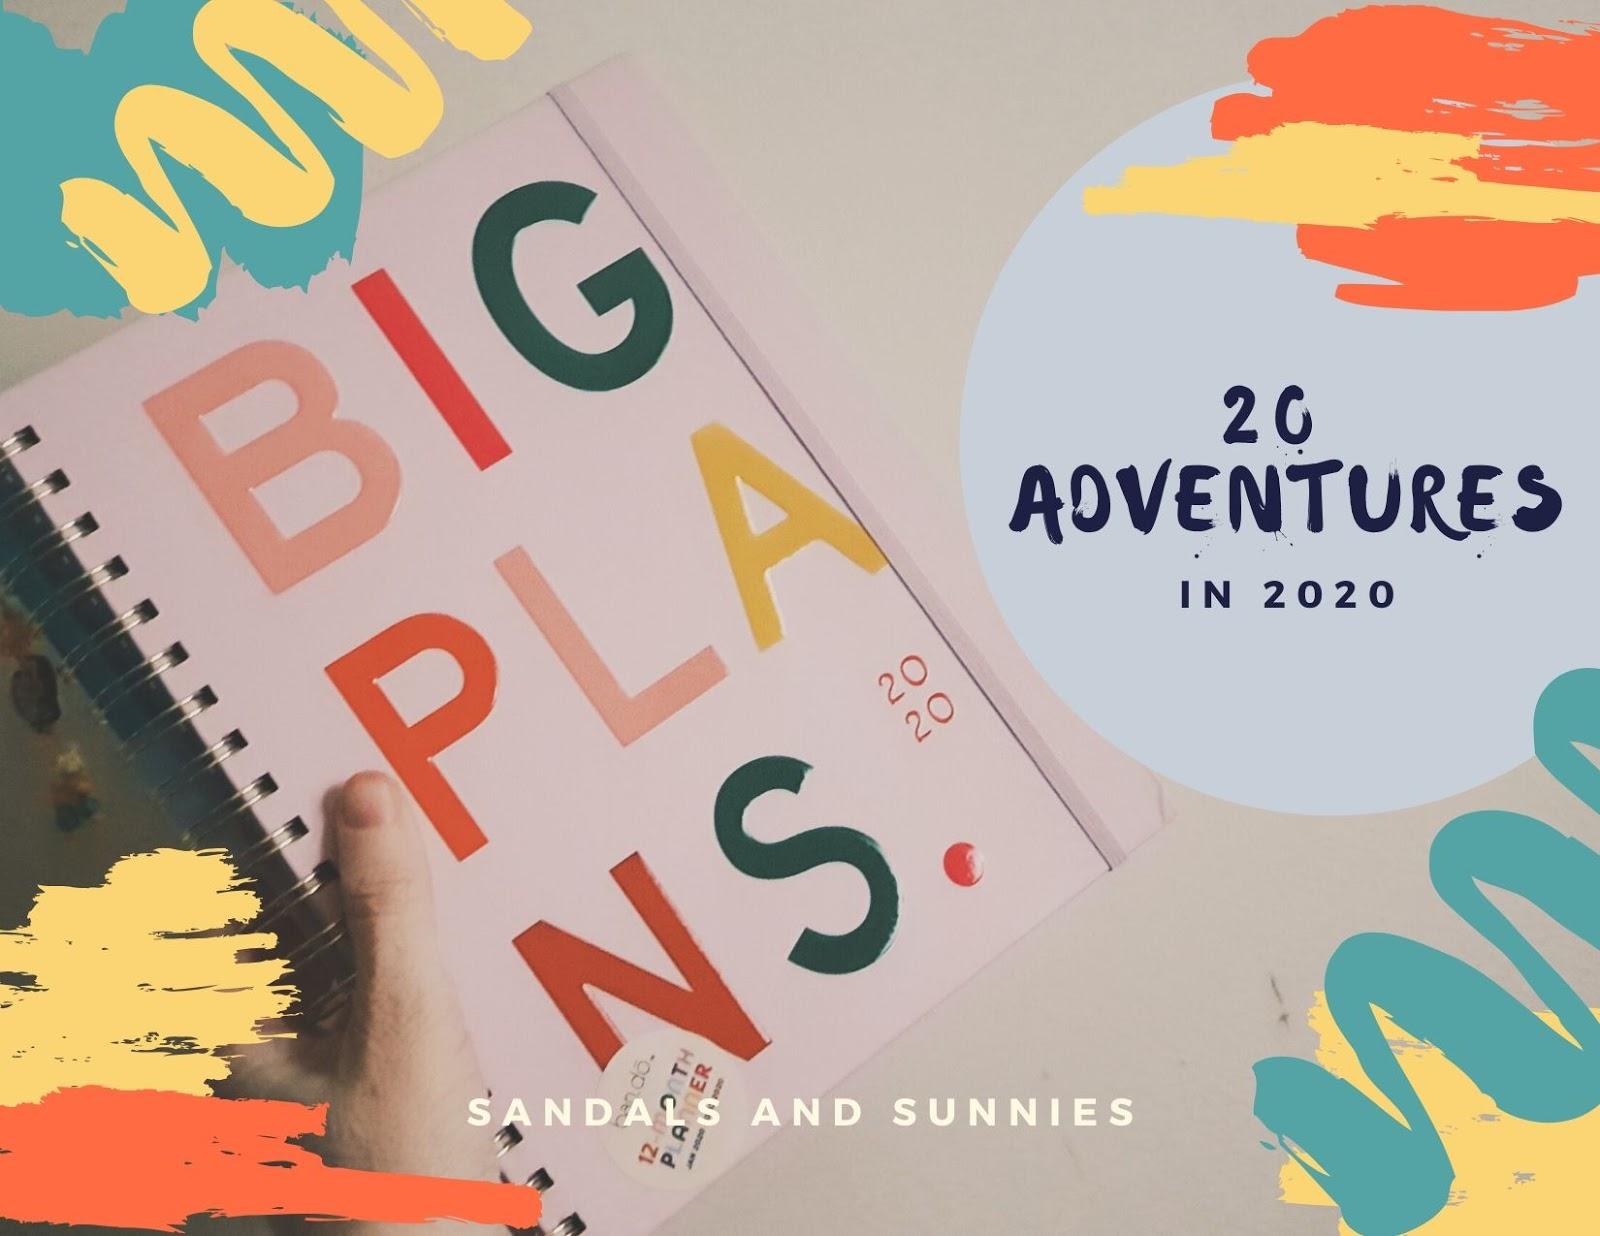 20 Adventures in 2020!